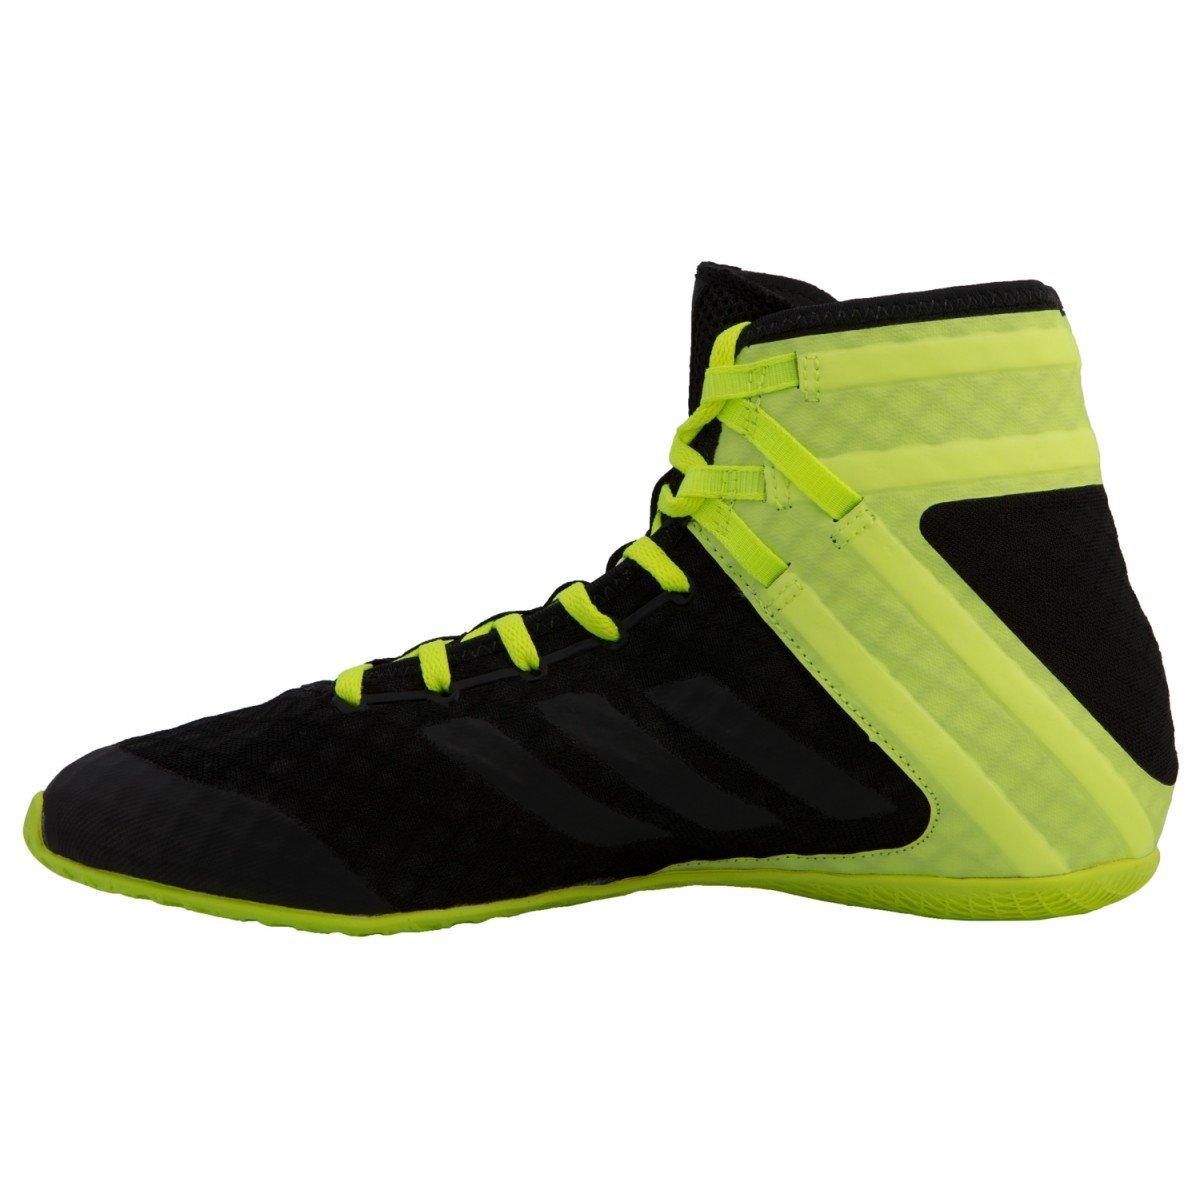 Adidas Speedex 16.1, Chaussures de Boxe Homme BA7930